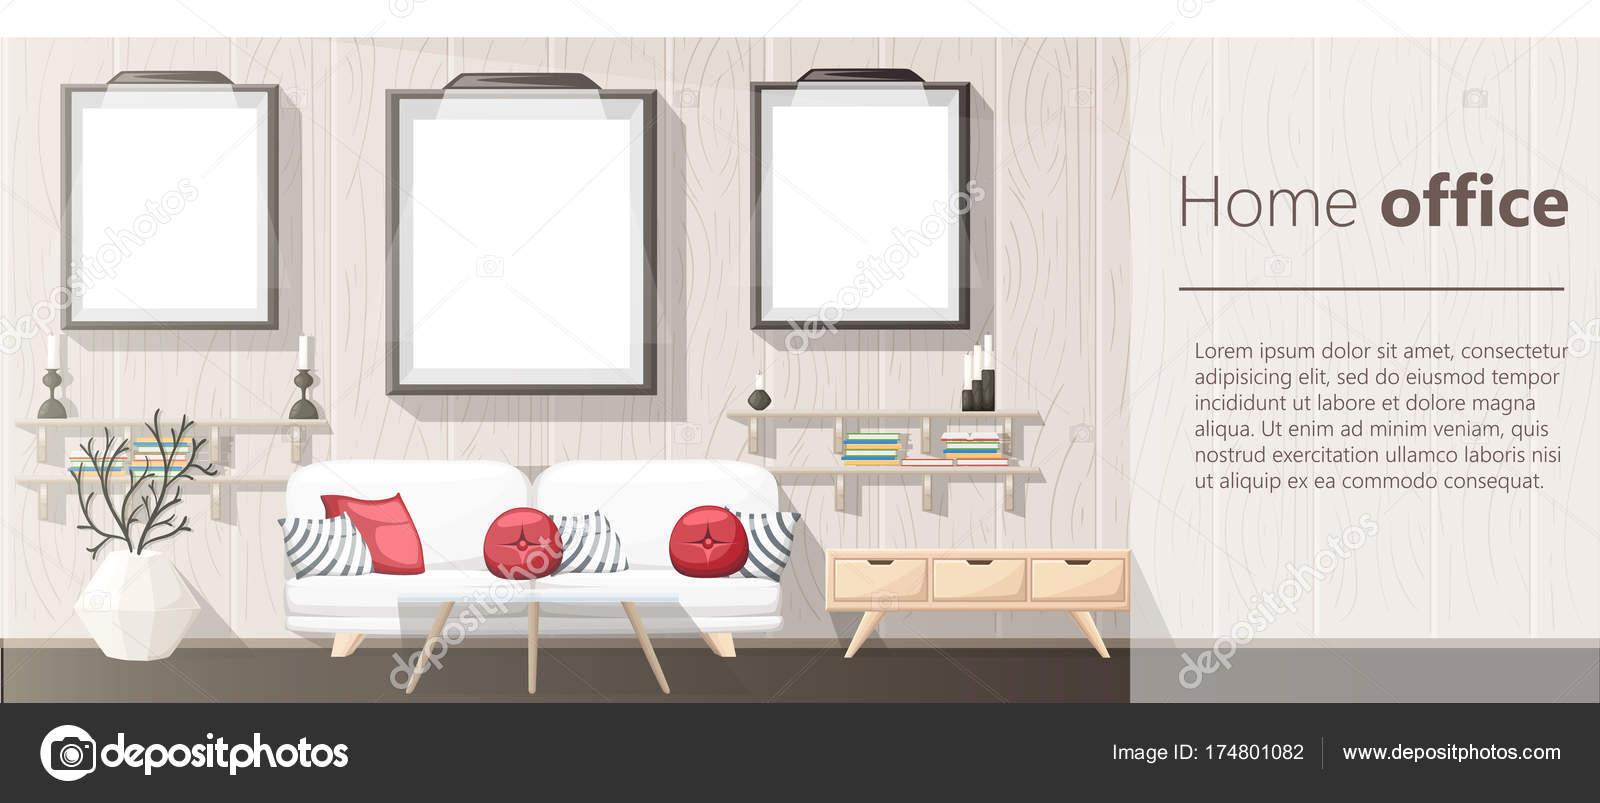 Interior Design Modernes Wohnzimmer Mit Grauen Sofa Vase Regal Mit U2014  Stockvektor